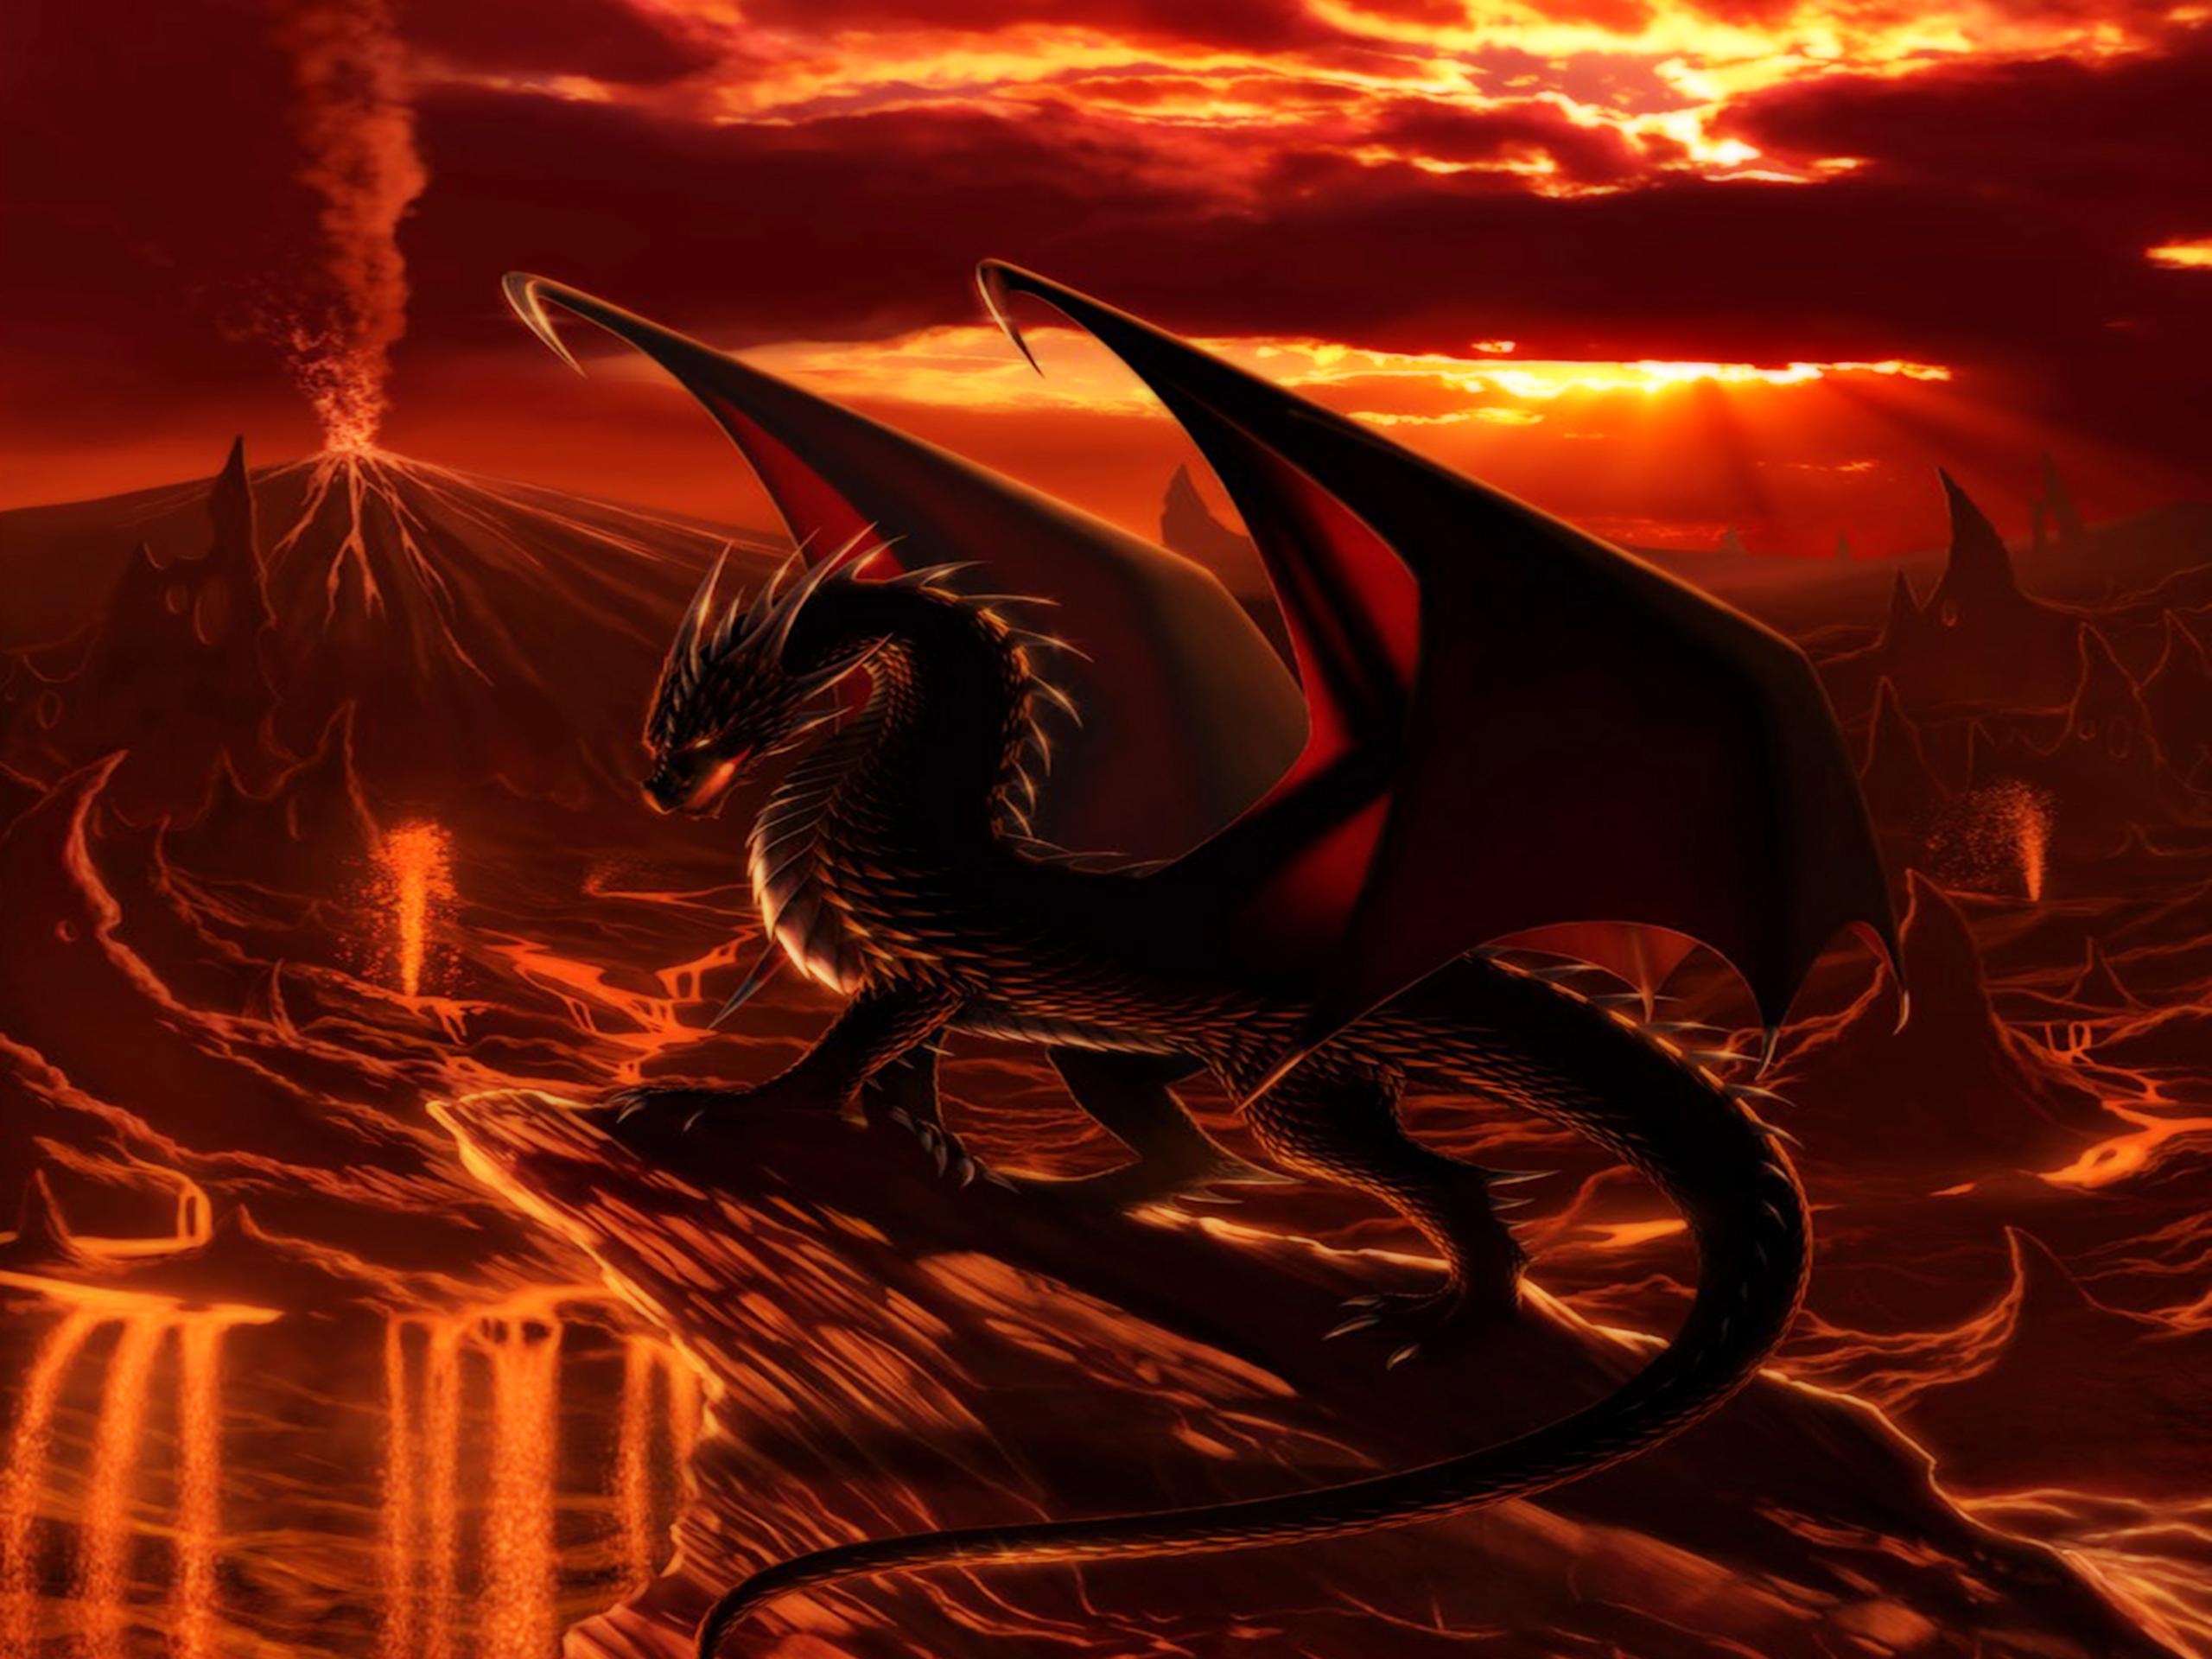 Hd wallpaper dragon - Hd Wallpaper Dragon 55